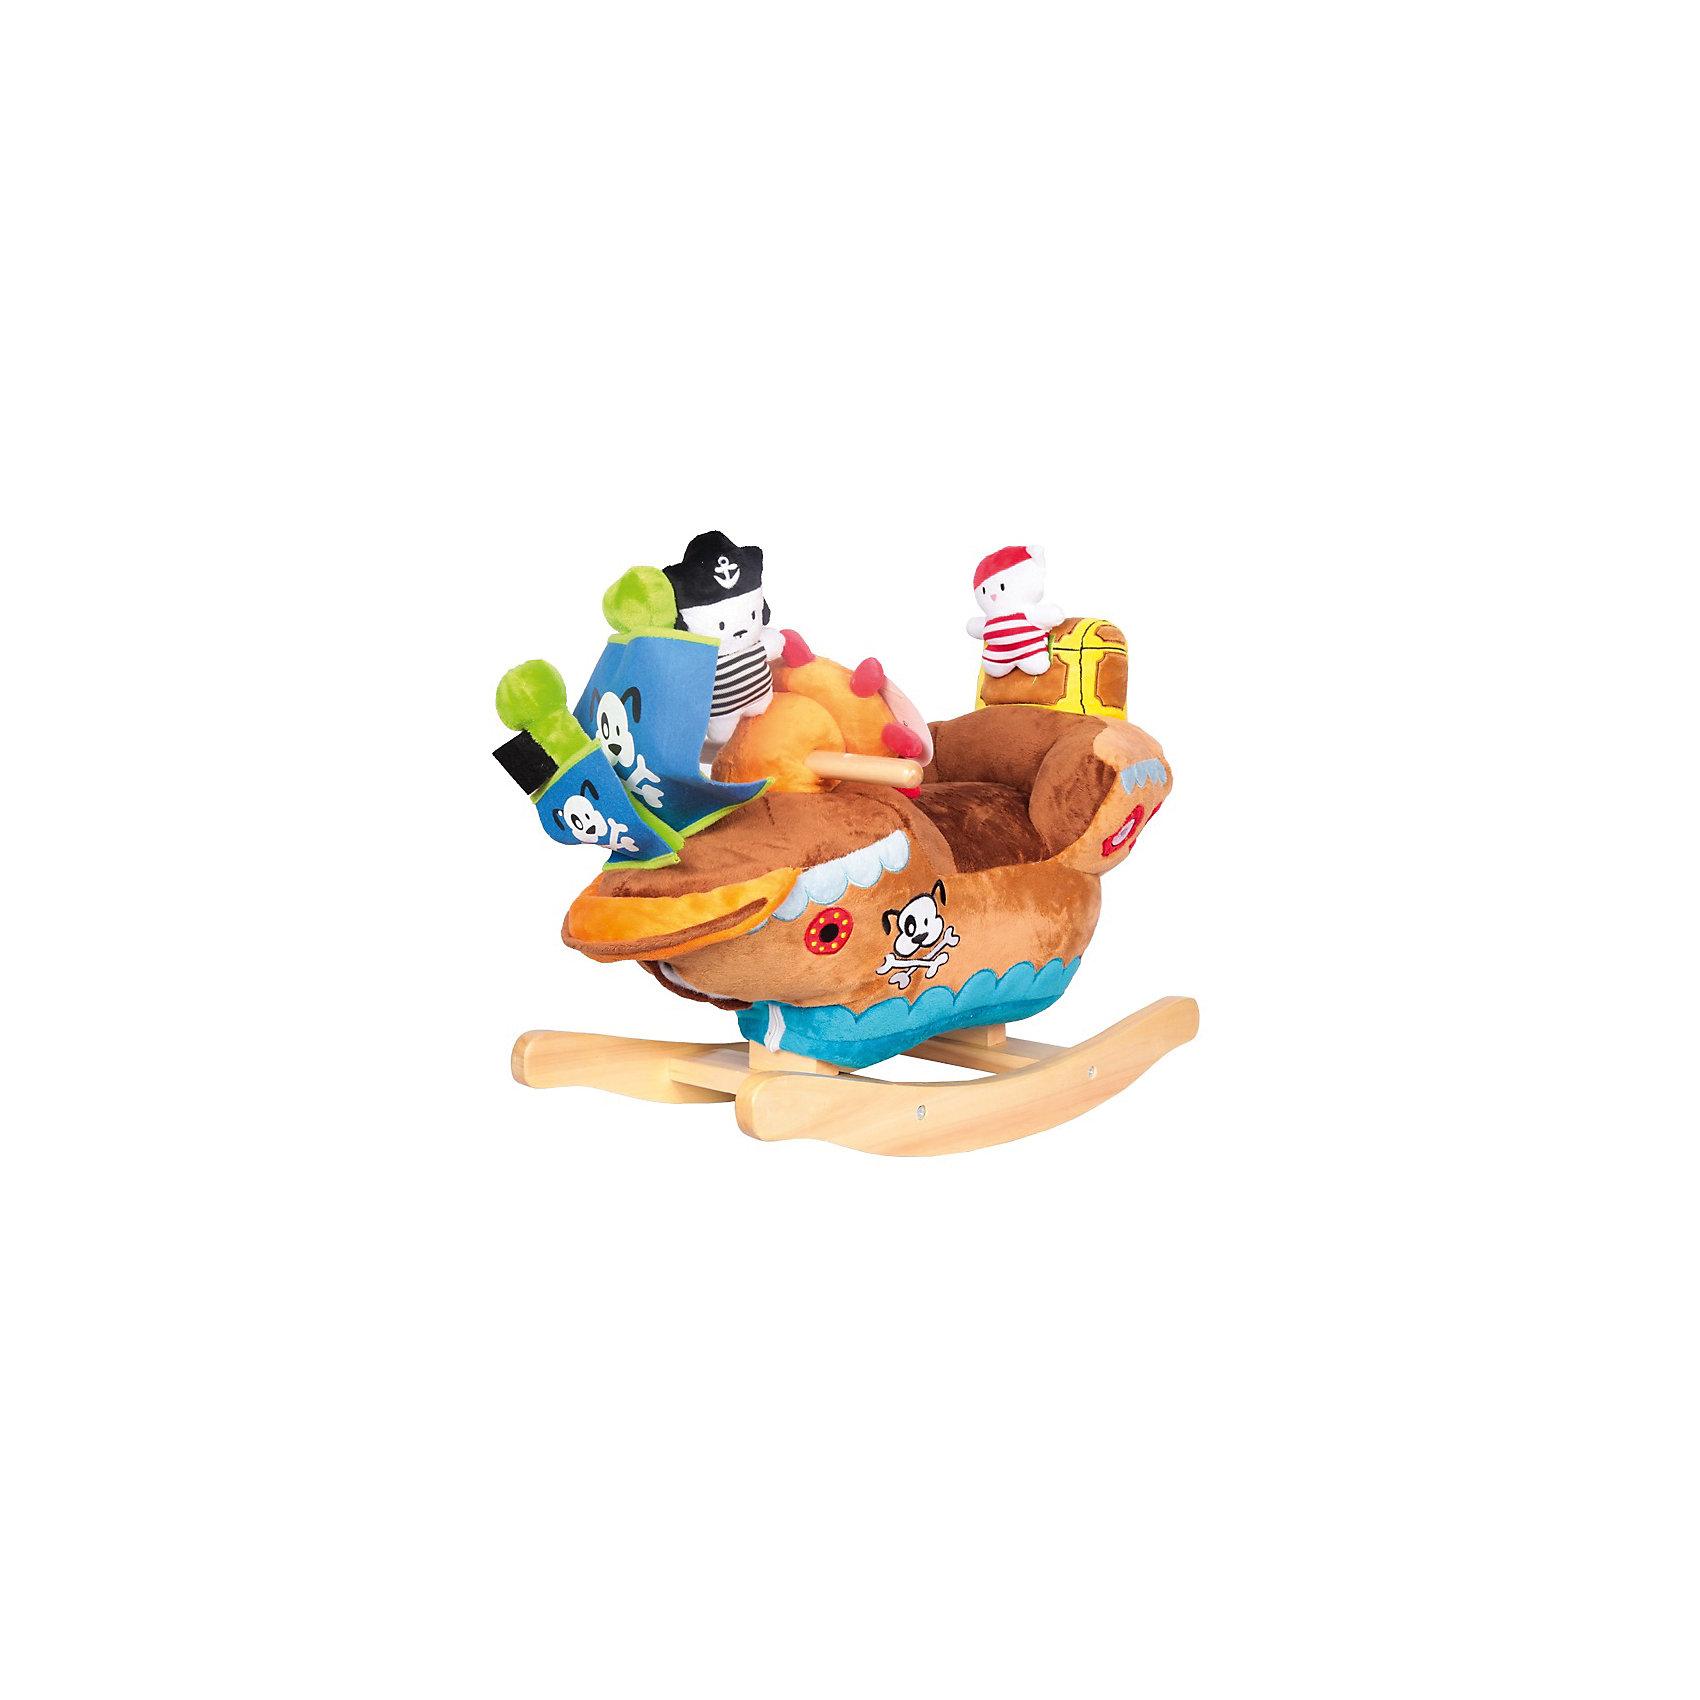 Качалка Пиратский корабль, AltactoРебёнок почувствует себя настоящим капитаном пиратского корабля, сидя на качалке Altacto. Держась за деревянные ручки или за руль, малыш будет представлять, как покоряет морские просторы. А чтобы путешествие стало более весёлым, можно включить музыку, нажав на руль, или поиграть с игрушкой-погремушкой и пищалкой. <br><br>Сиденье качалки обеспечивает комфортное положение ребёнка и поддерживает спину во время игры. <br><br>Материалы, из которых изготовлена качалка, качественные и приятные на ощупь.<br><br>Качаясь, ребёнок развивает вестибулярный аппарат, ловкость и координацию движений.<br><br>Работает от батареек (идут в комплекте).<br><br>Ширина мм: 620<br>Глубина мм: 295<br>Высота мм: 440<br>Вес г: 4100<br>Возраст от месяцев: 12<br>Возраст до месяцев: 36<br>Пол: Мужской<br>Возраст: Детский<br>SKU: 4779834